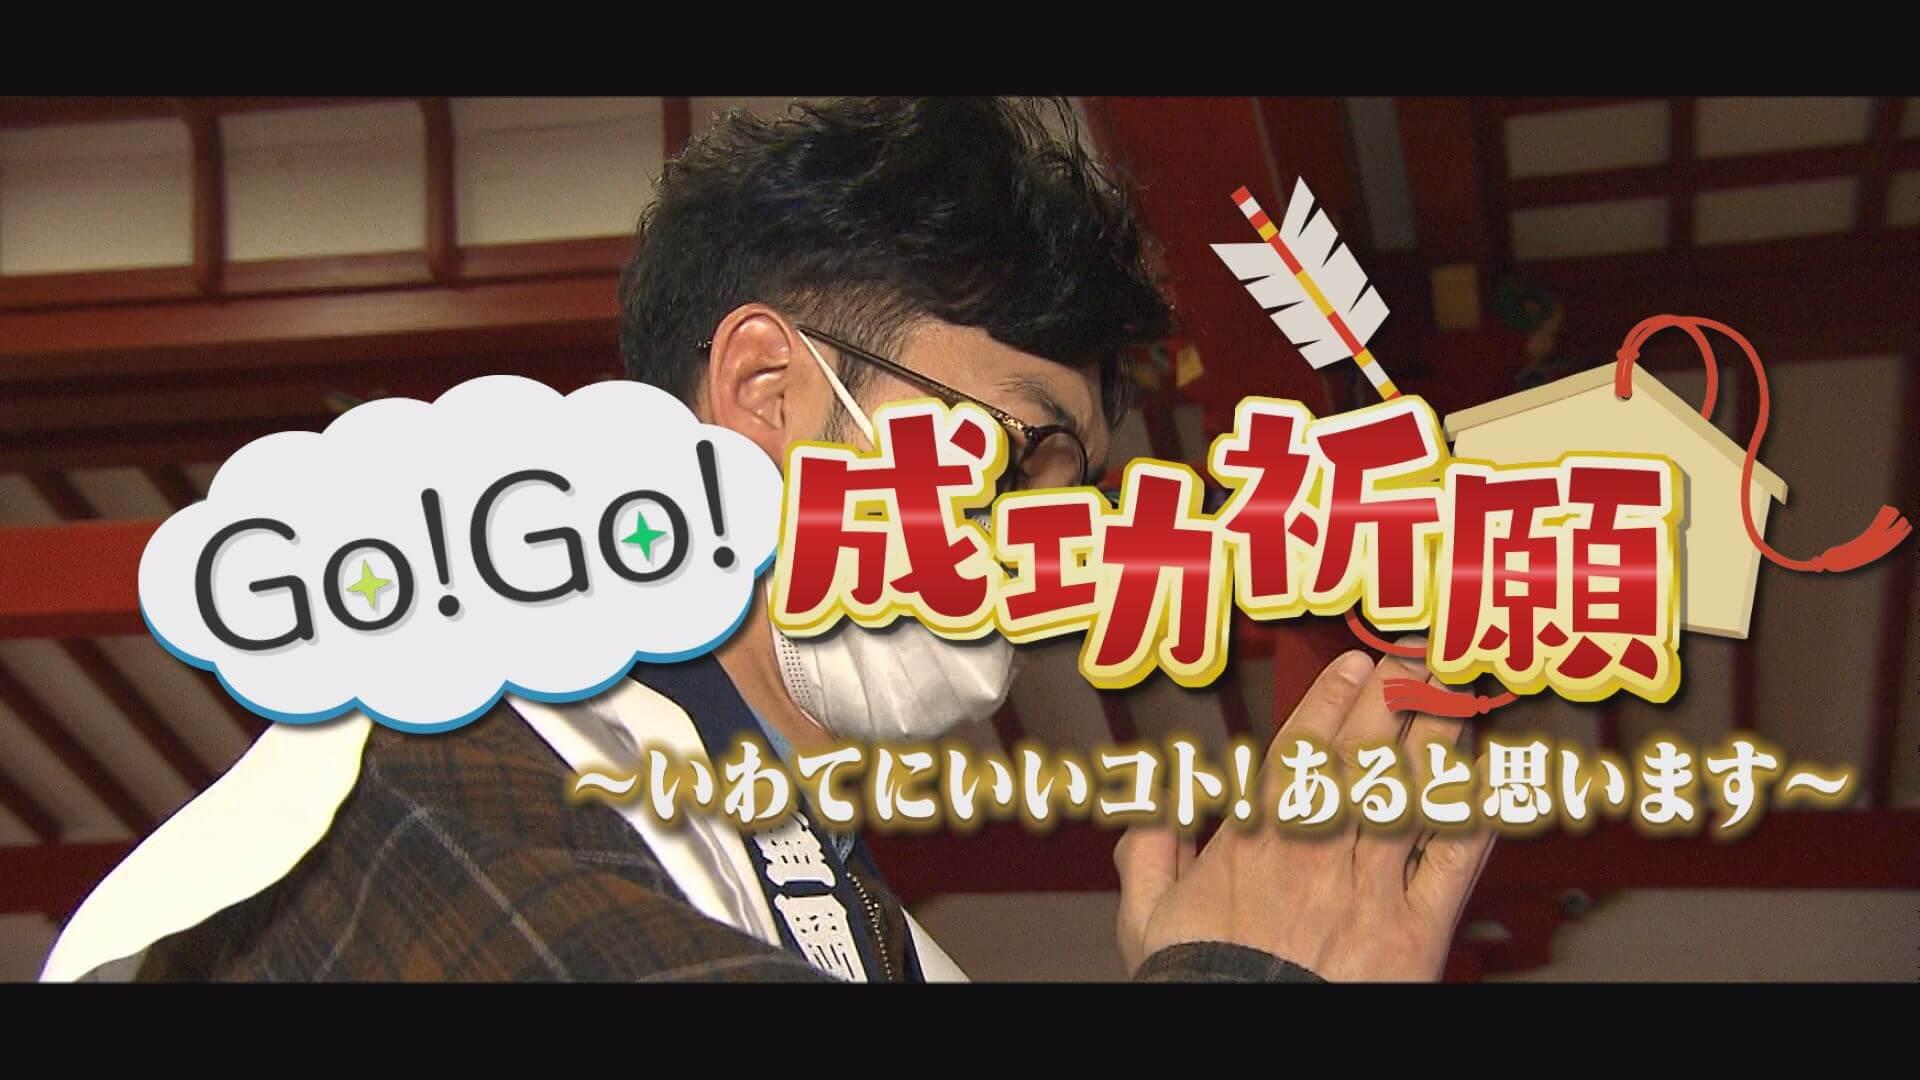 Go!Go!成功祈願